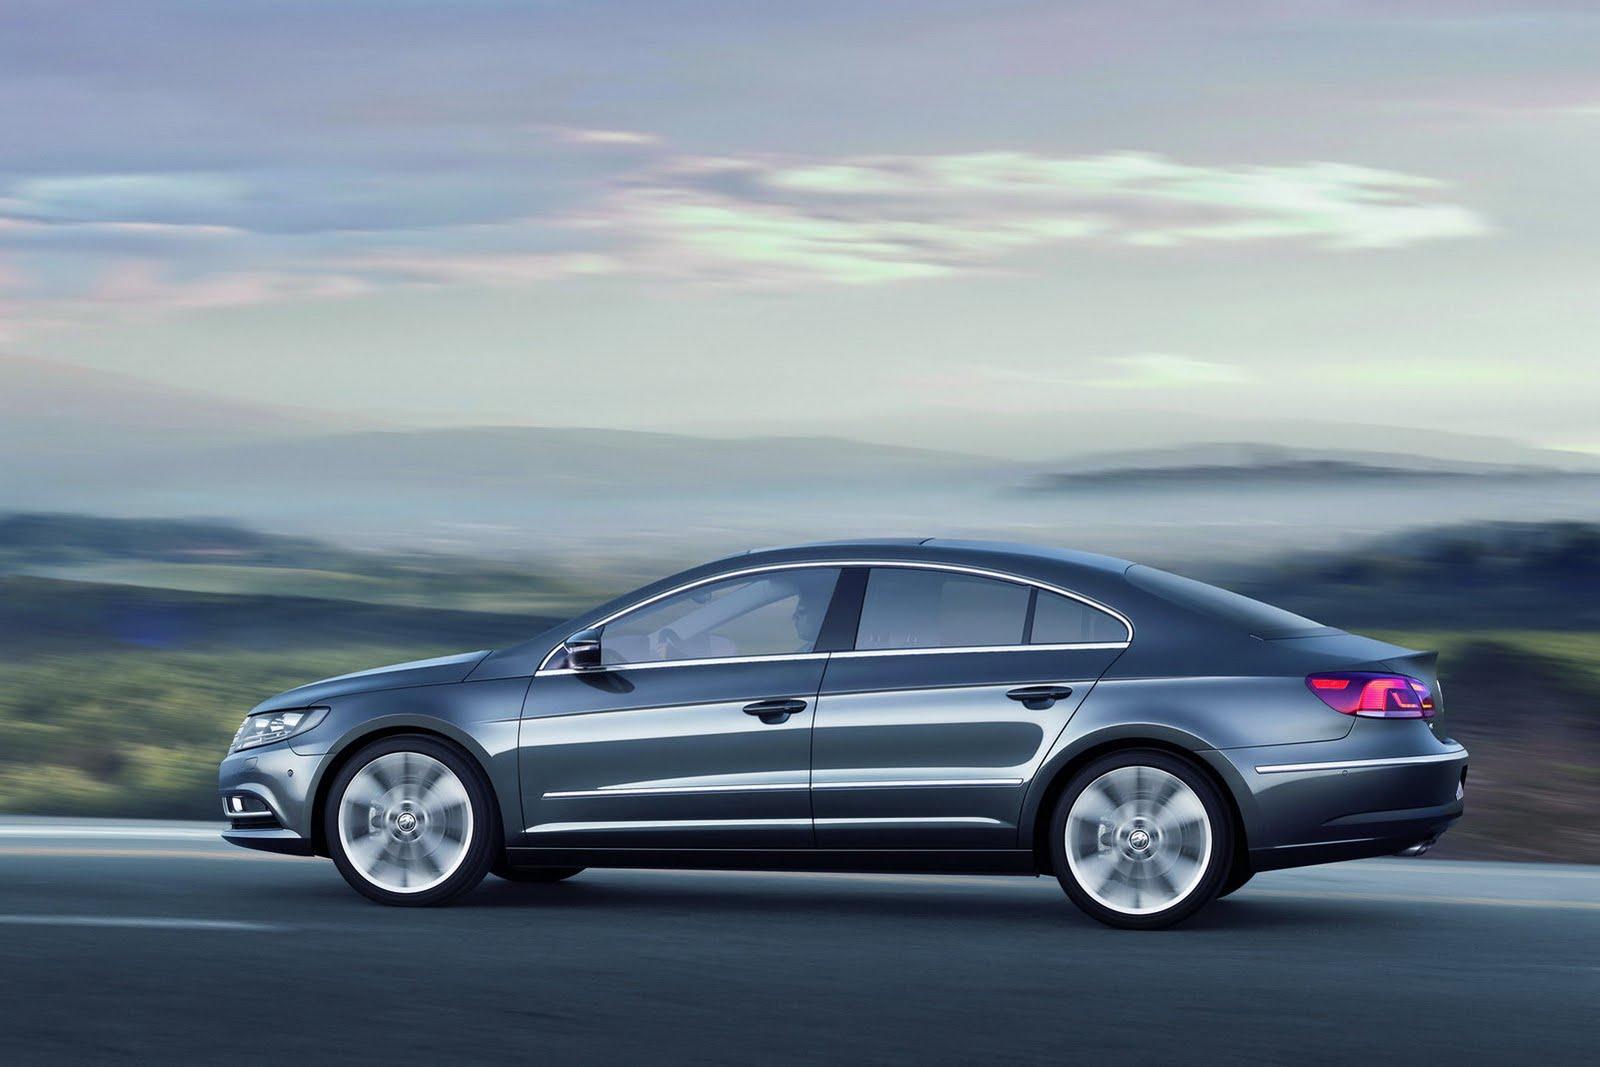 2013 Volkswagen Cc Image 6